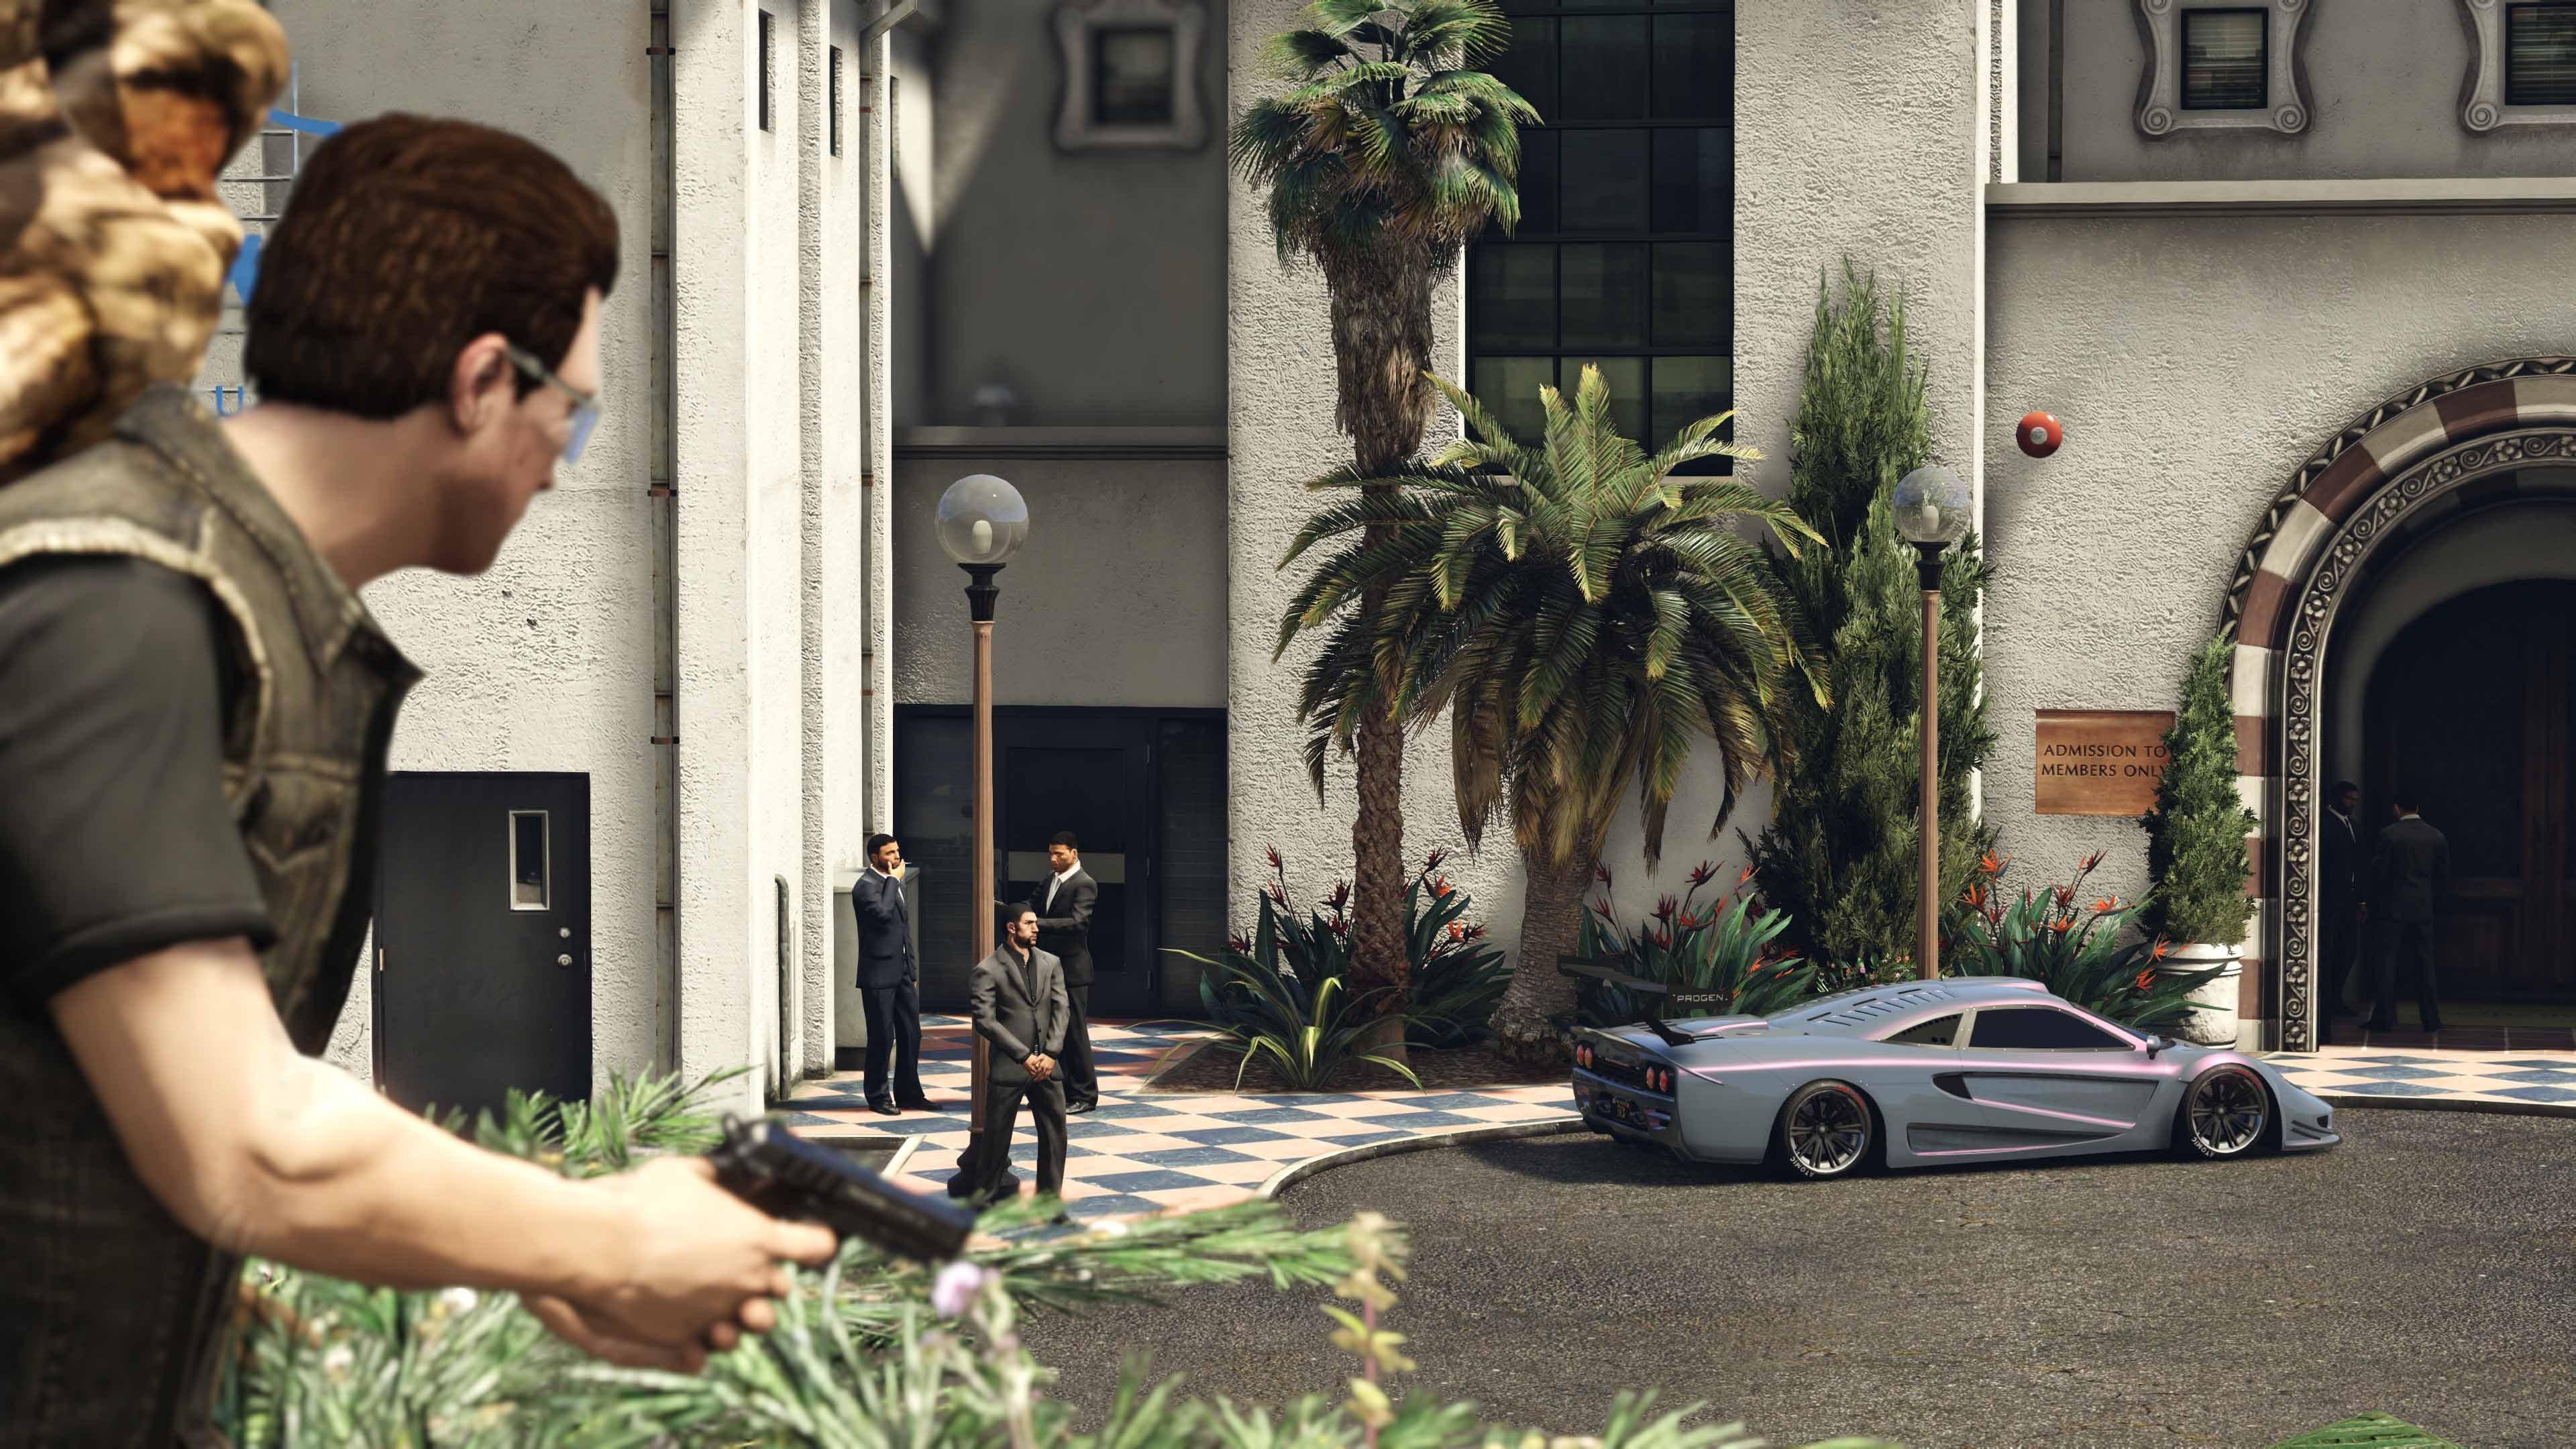 Скриншот к игре Grand Theft Auto V (GTA 5) [v1.0.1180.1 (SP)/1.41]  (2015) PC   RePack от R.G. Механики